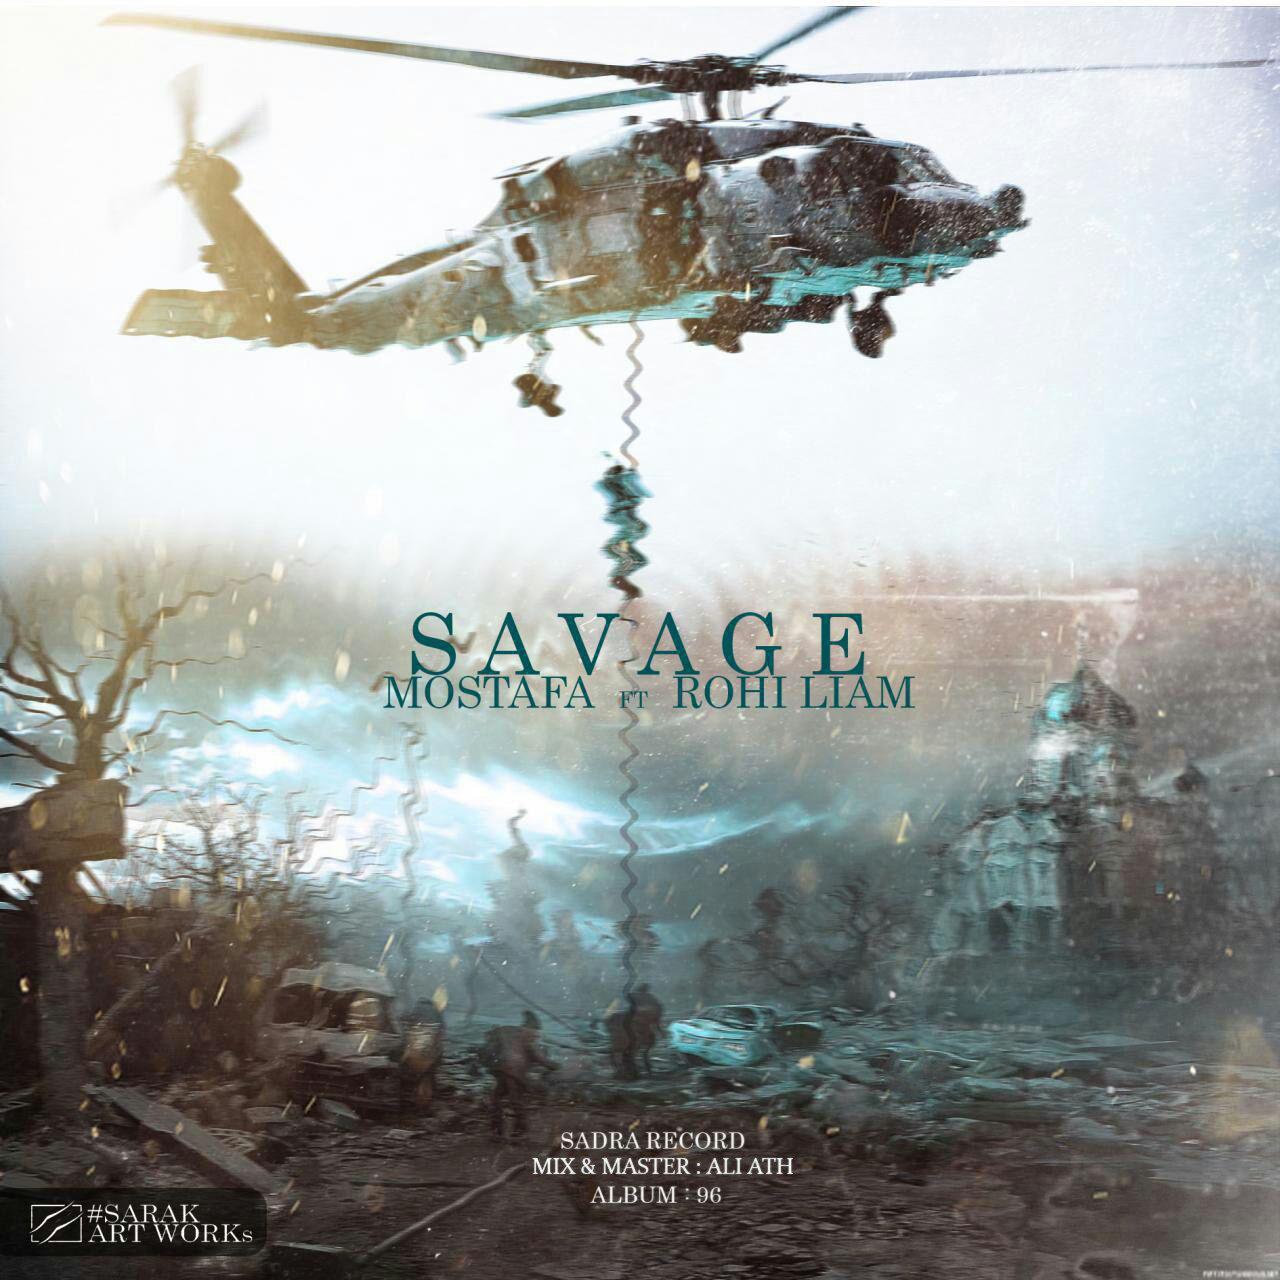 دانلود ترک چهارم آلبوم 96 از مصطفی به همراهی لیام با نام ساواگ